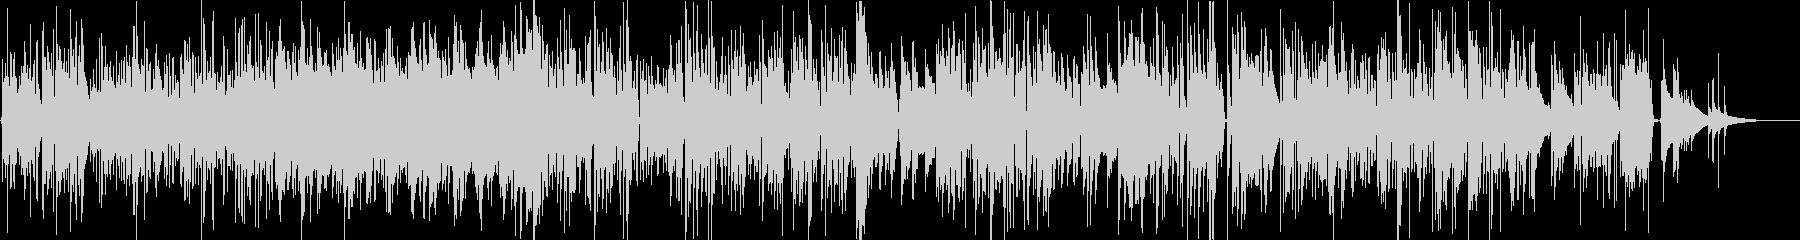 ブルース、カントリー調のギターBGMの未再生の波形